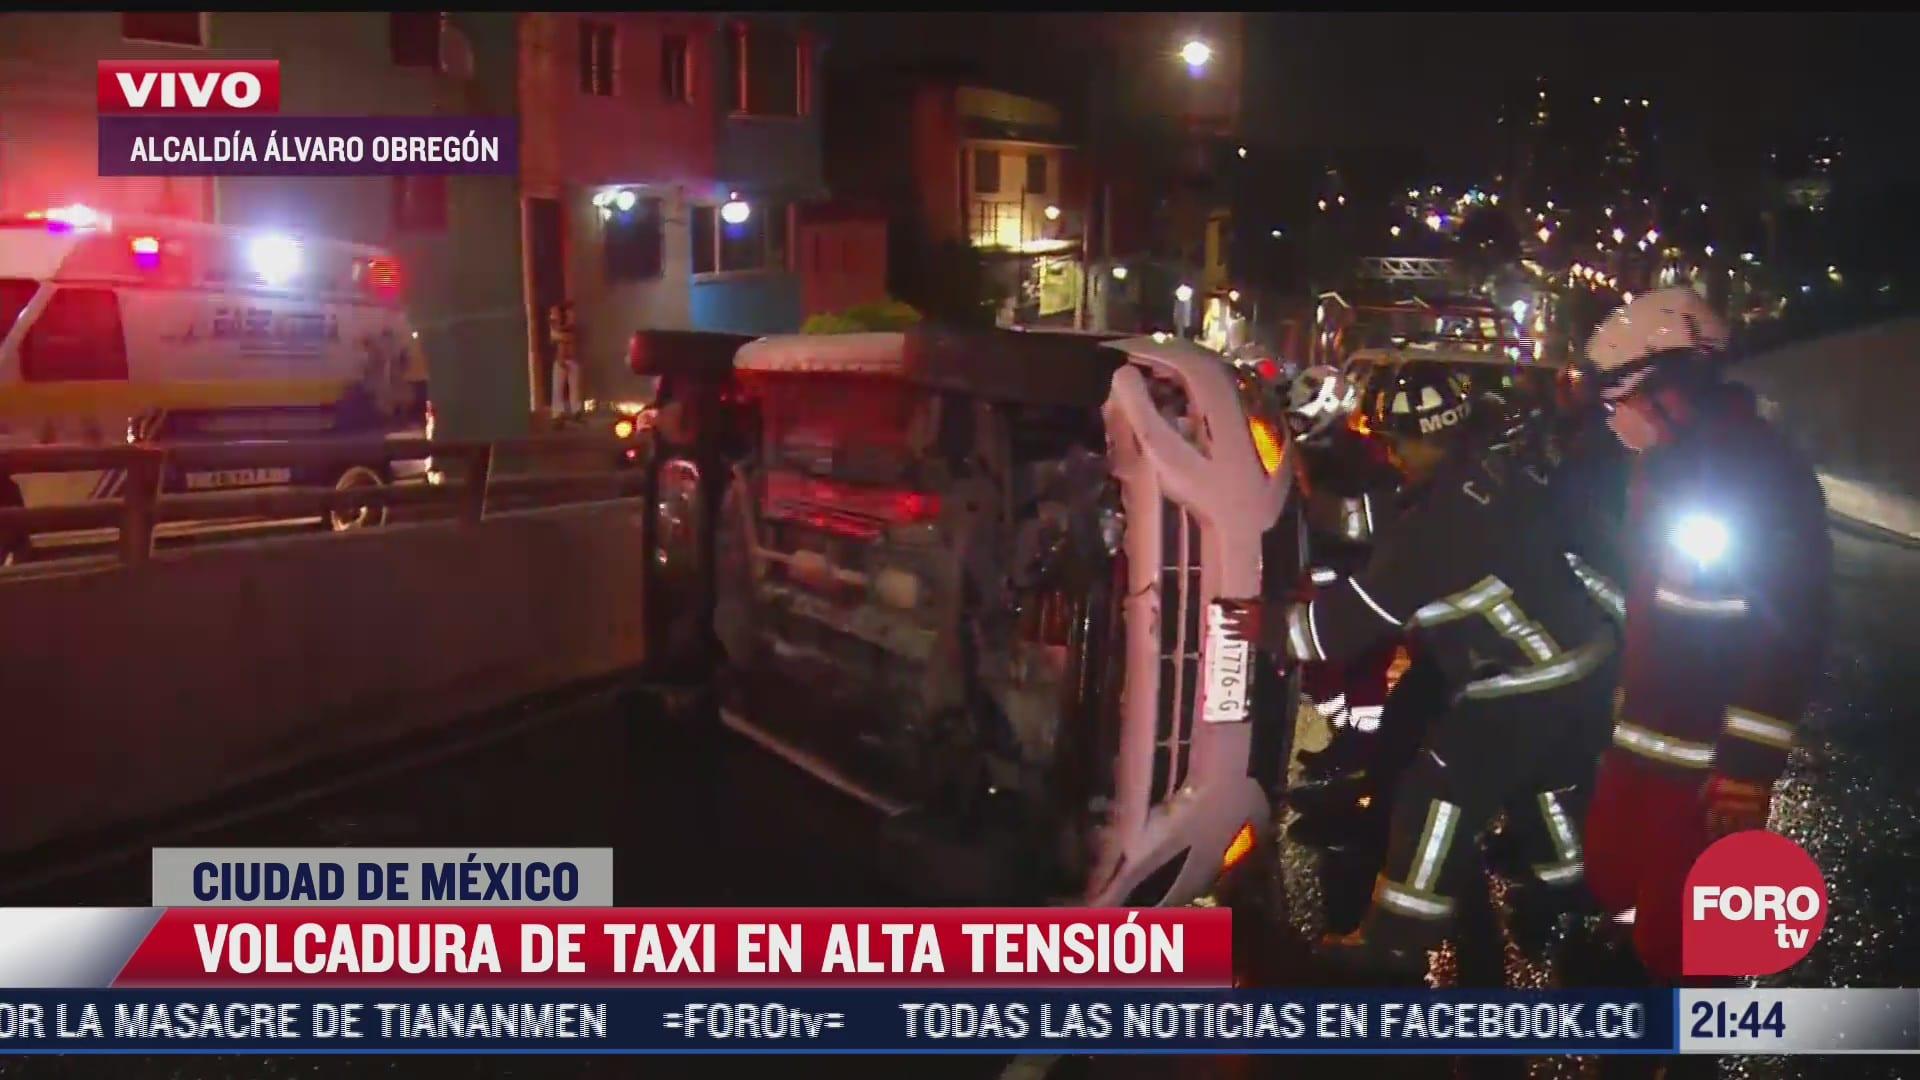 volcadura de taxi en la alcaldia alvaro obregon